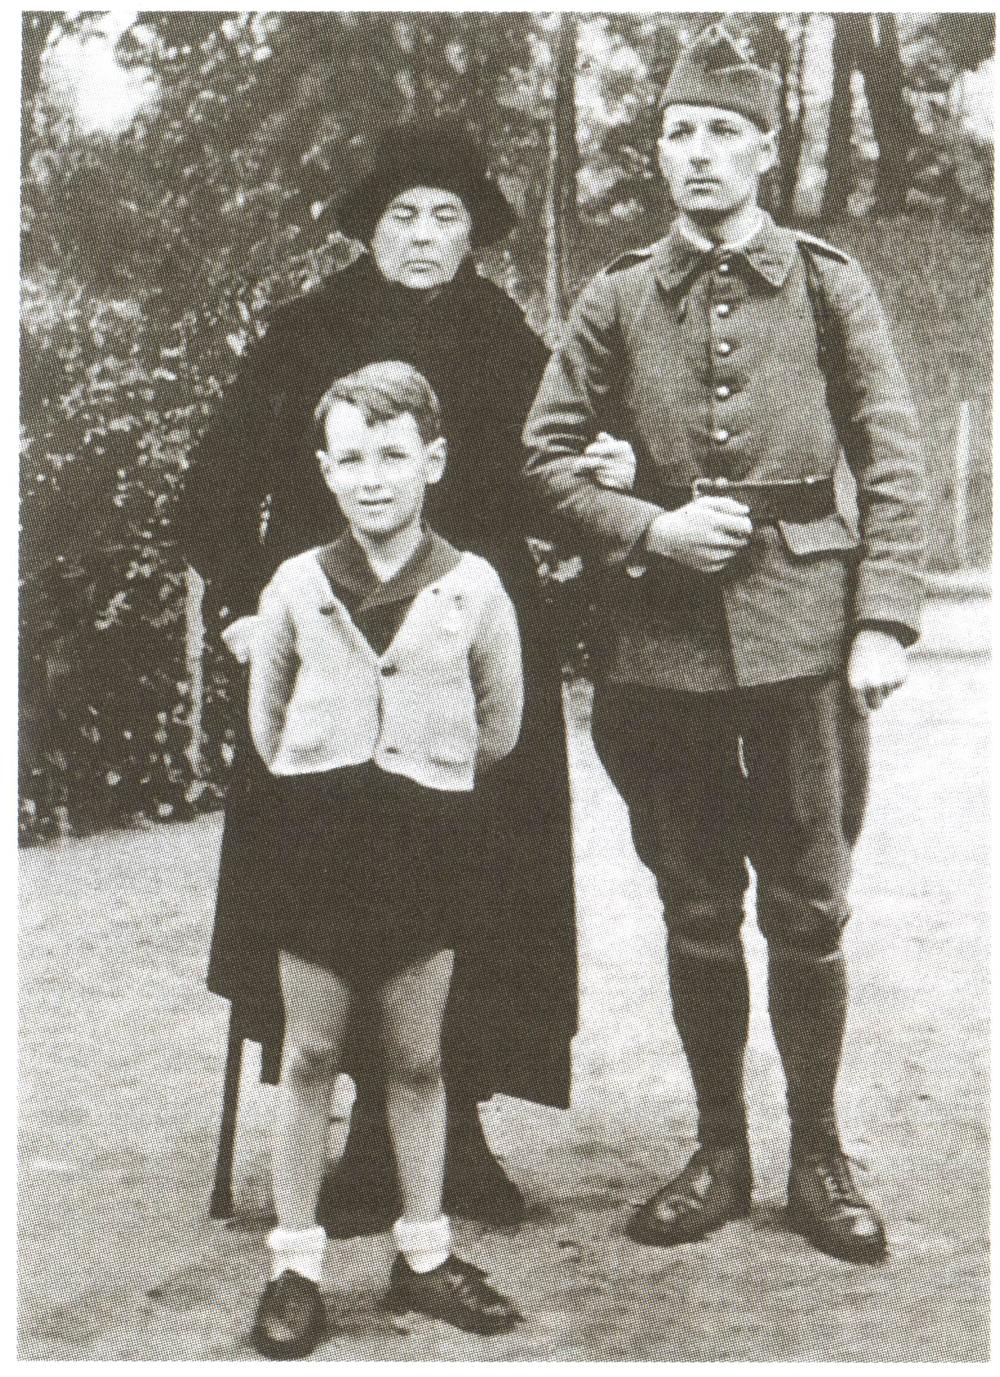 Жена Колчака Софья с сыном Ростиславом и внуком Александром. Франция, 1939 год.